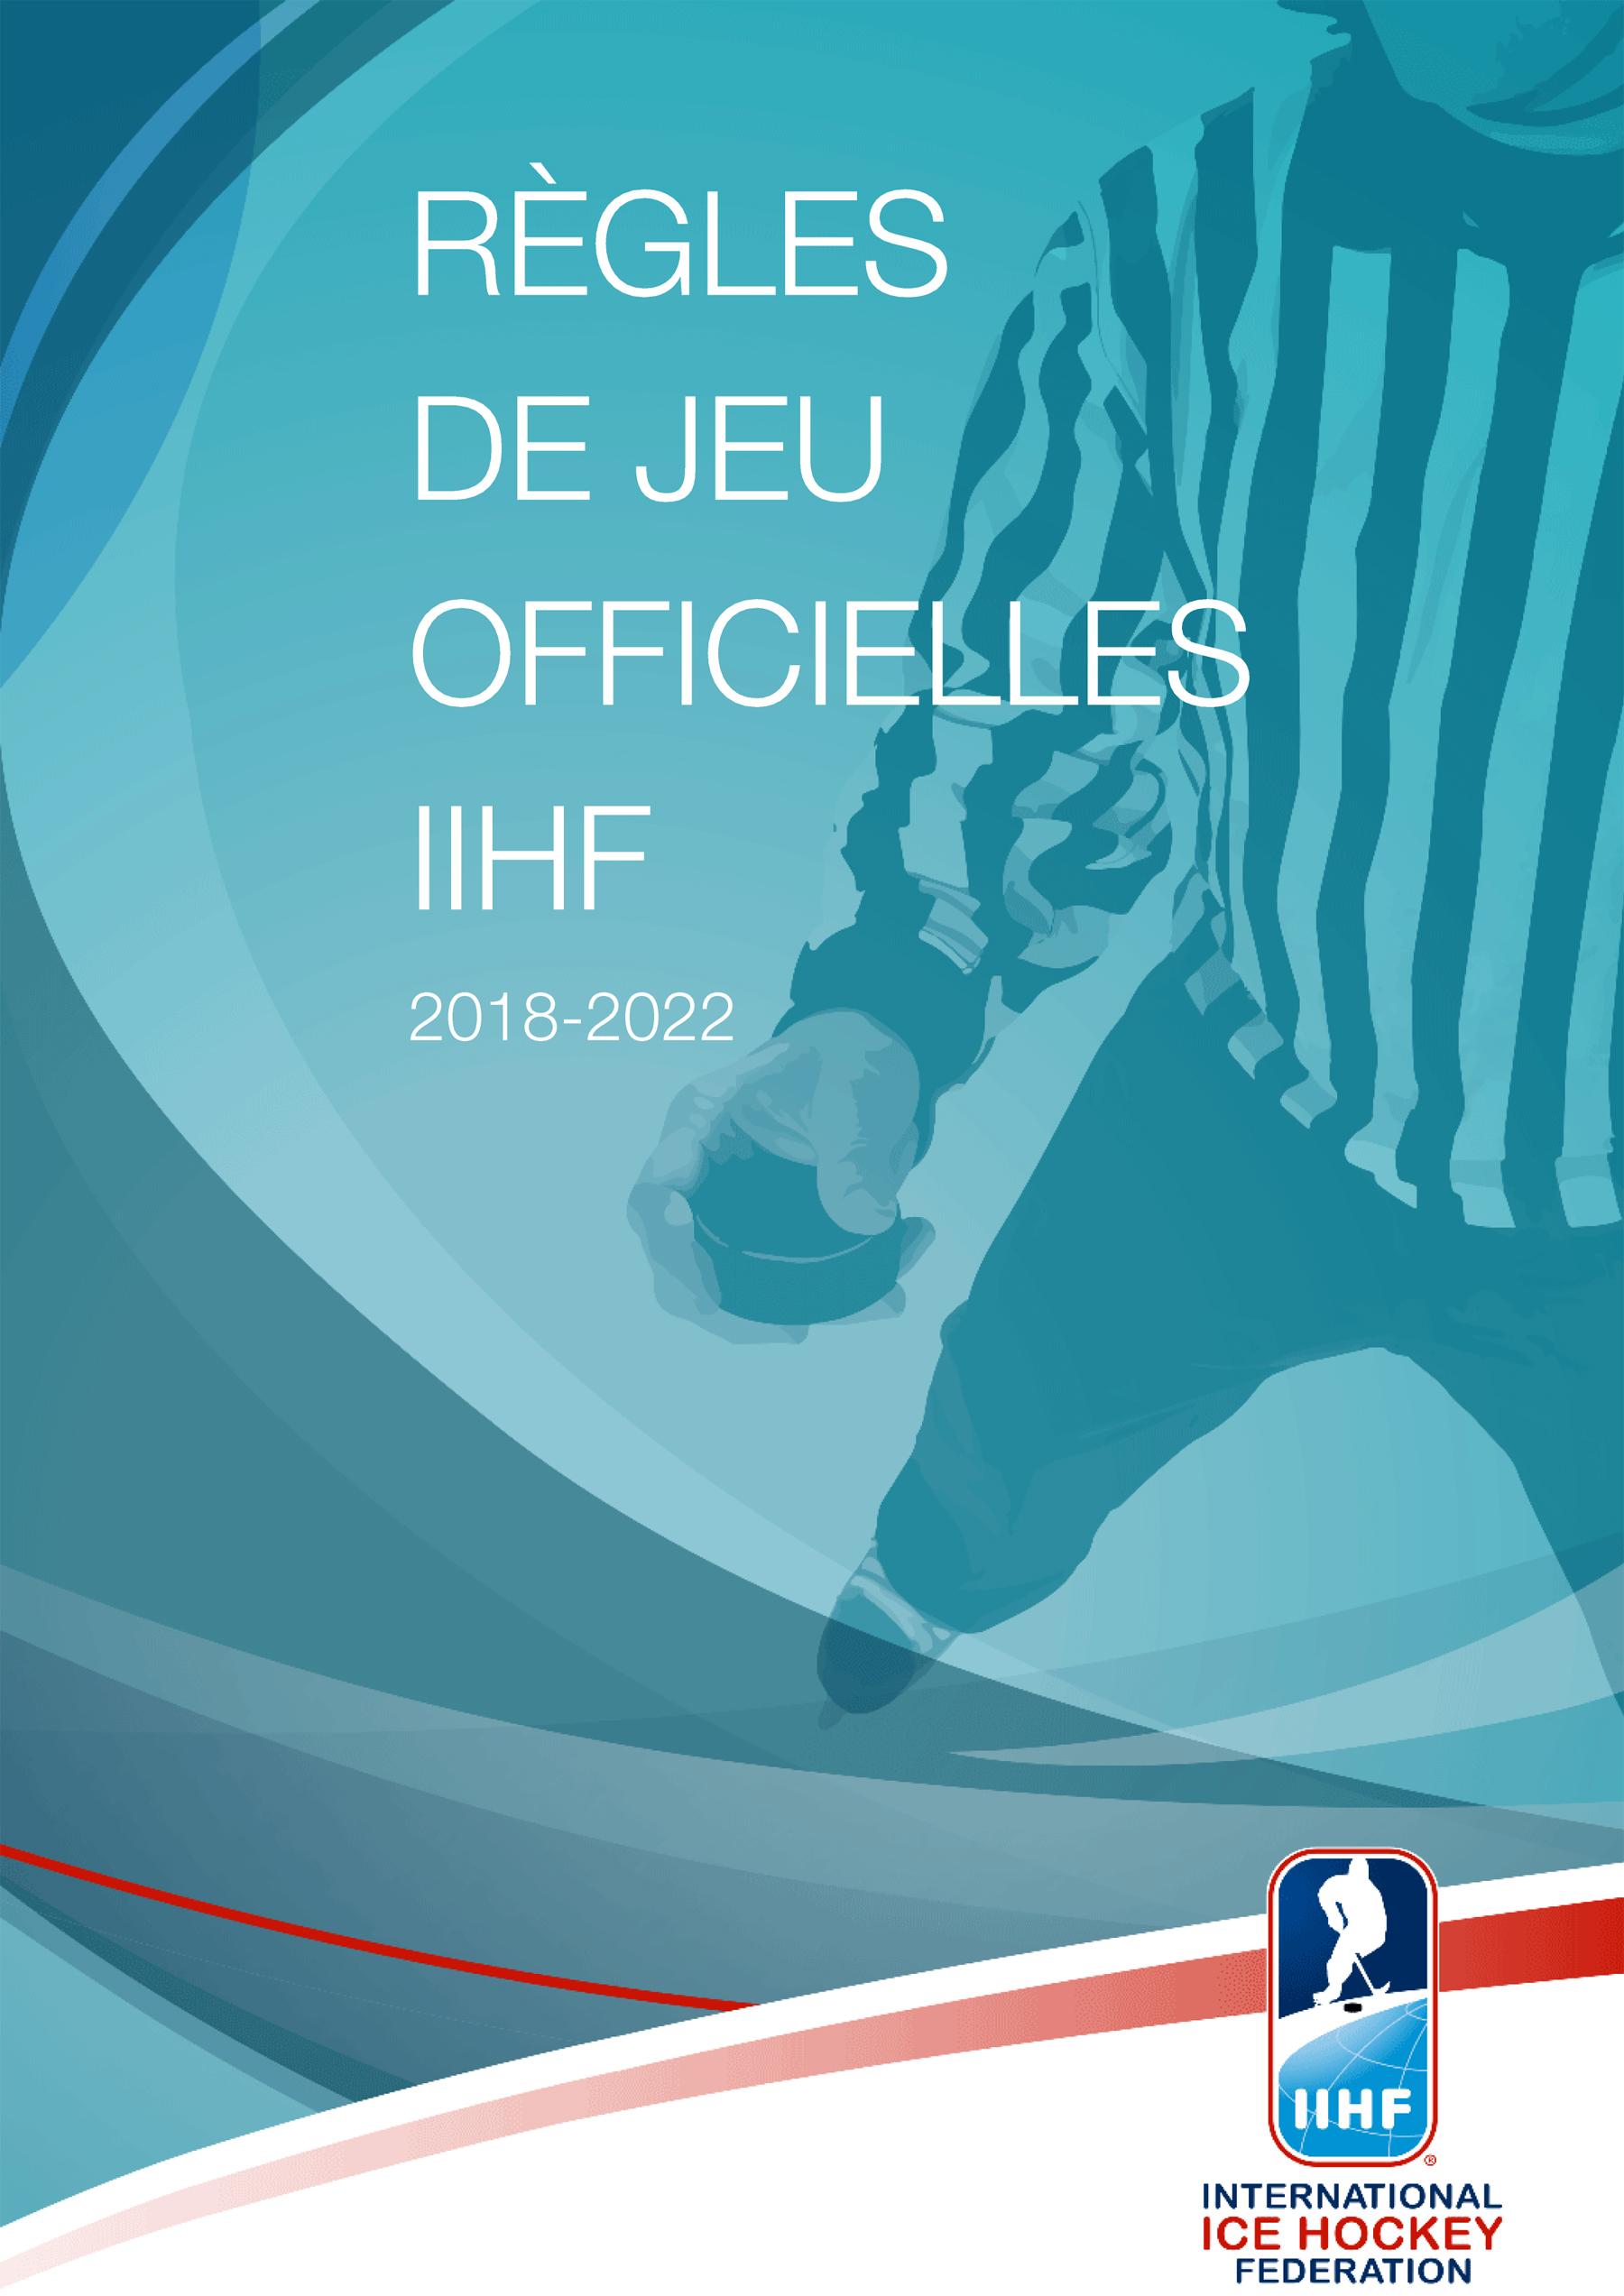 Cliquez ici pour télécharger le livret des règles de jeu IIHF 2018-2022